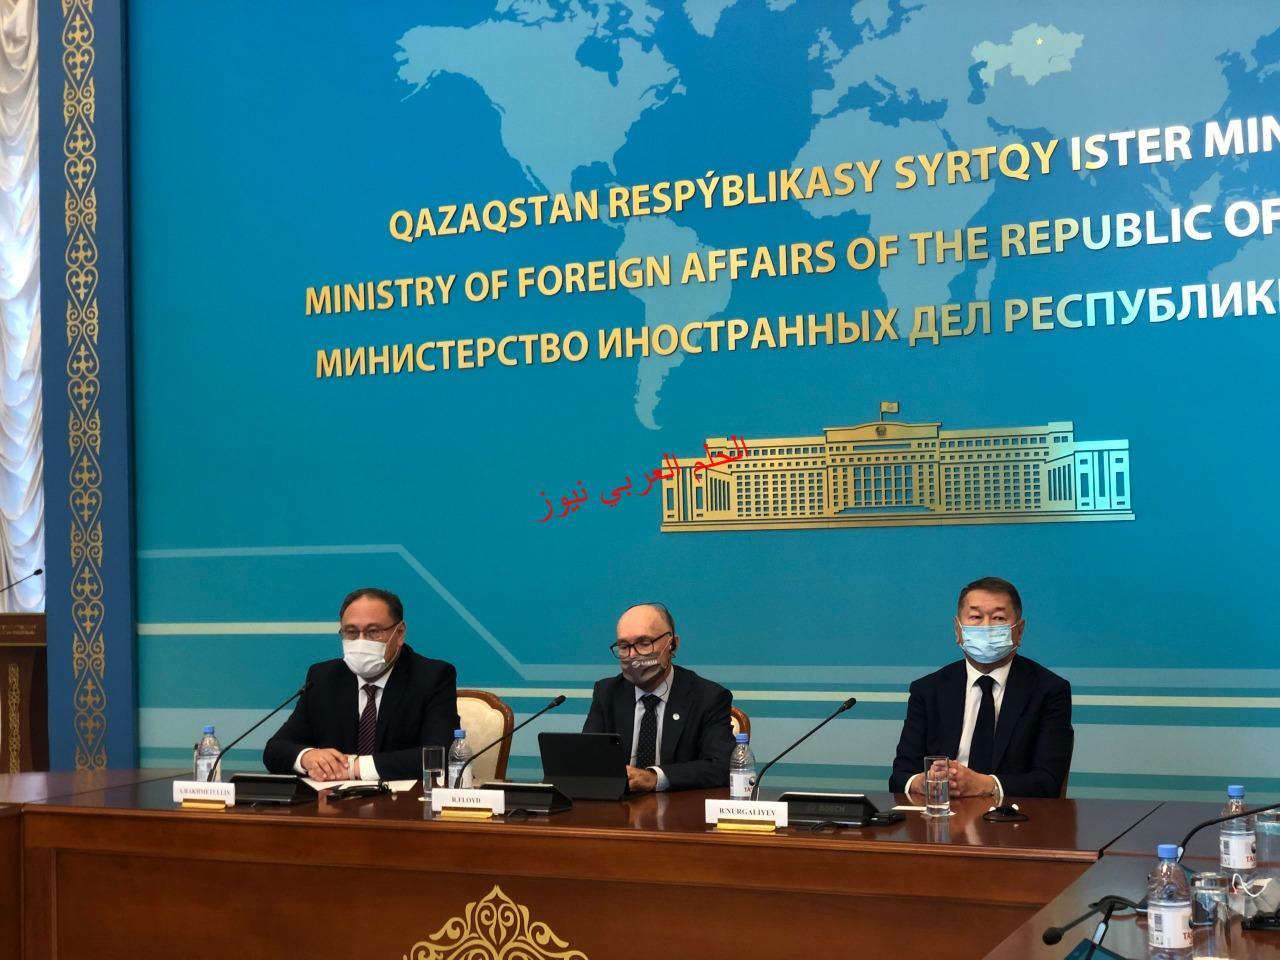 كازاخستان والعالم يحتفلون بالذكرى الـ 30 لإغلاق ثاني أكبر موقع نووي في العالم